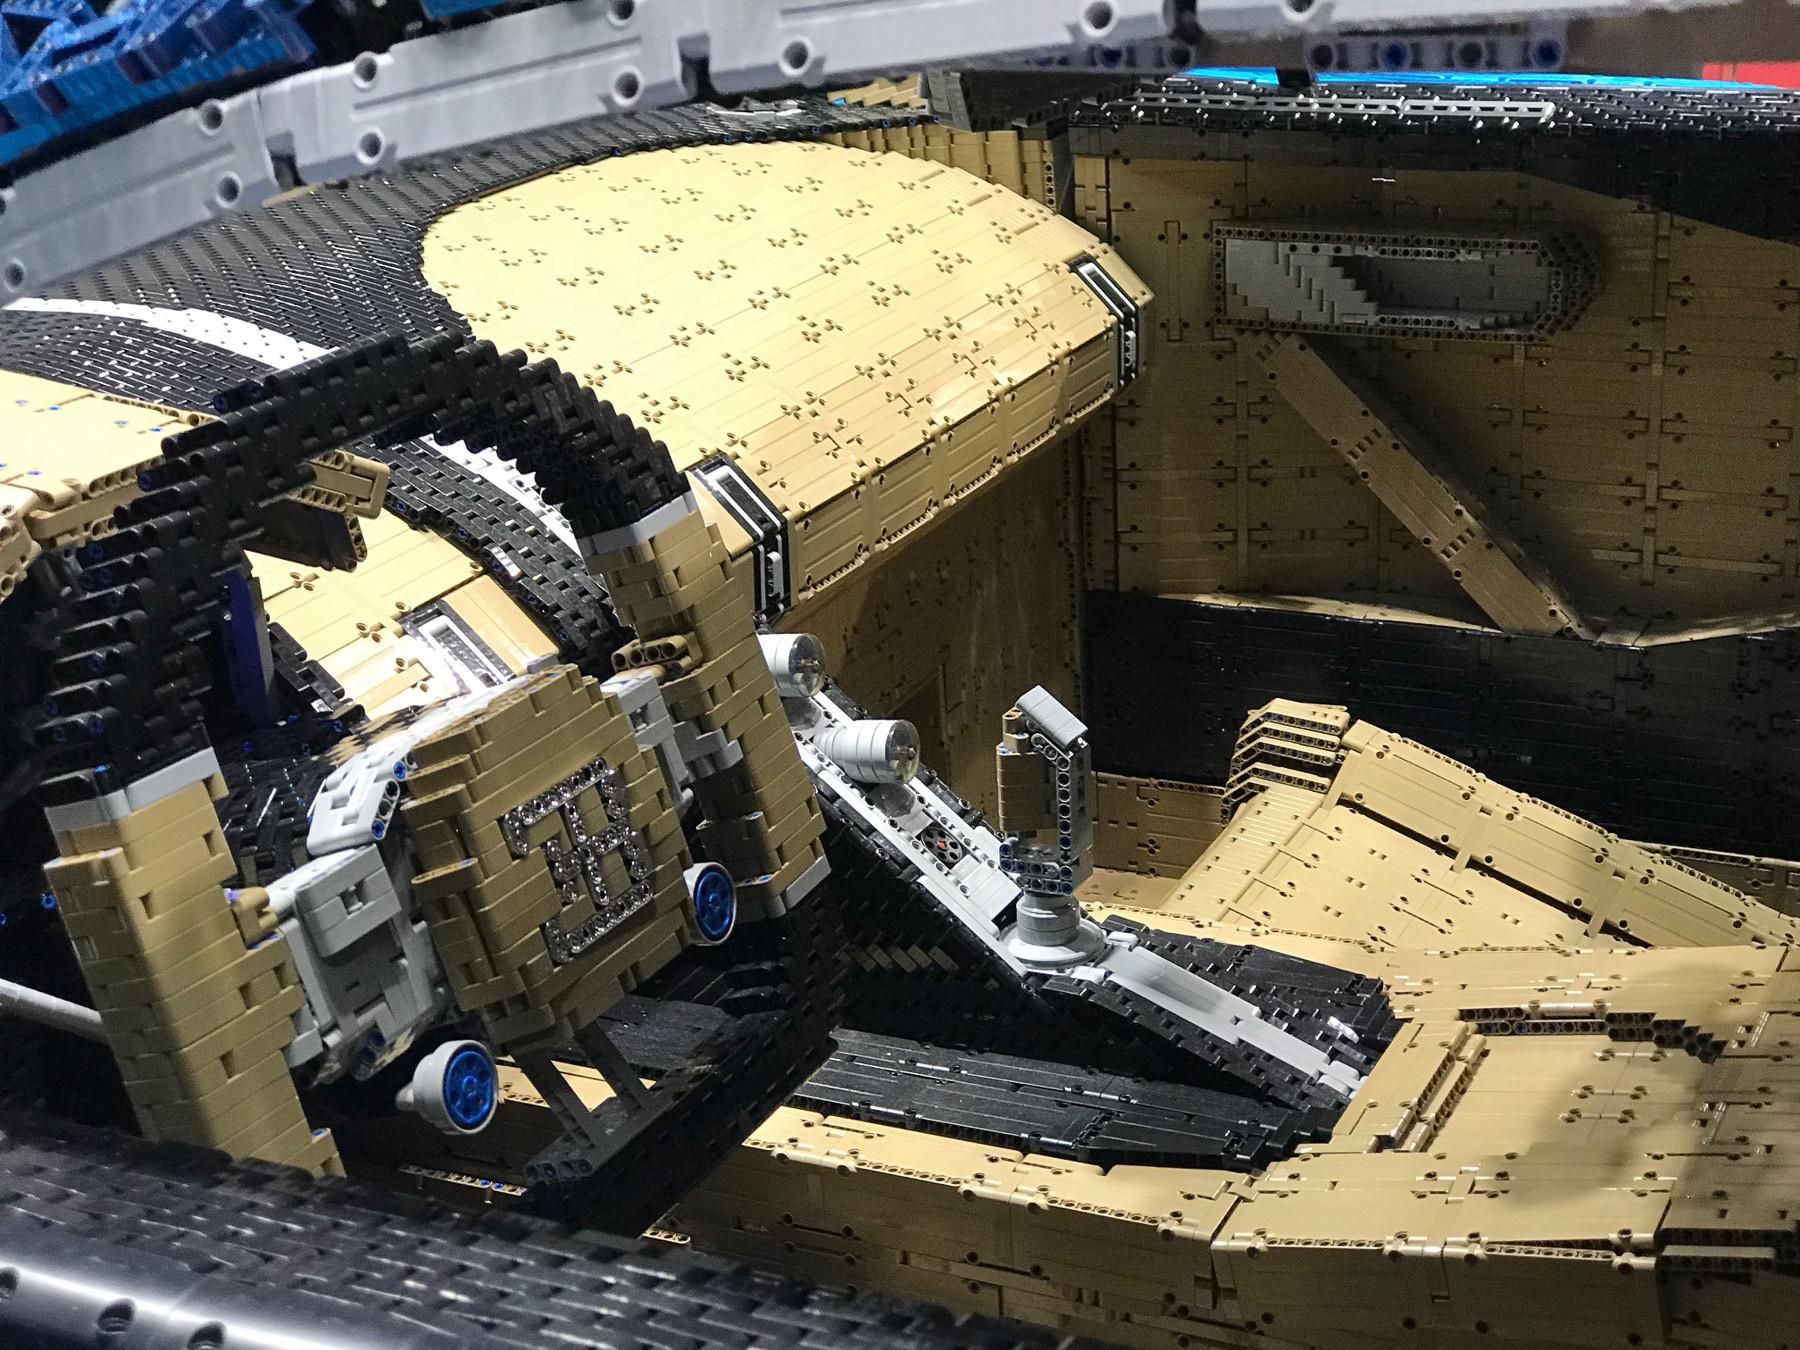 Lego показала свою самую крутую модель 3